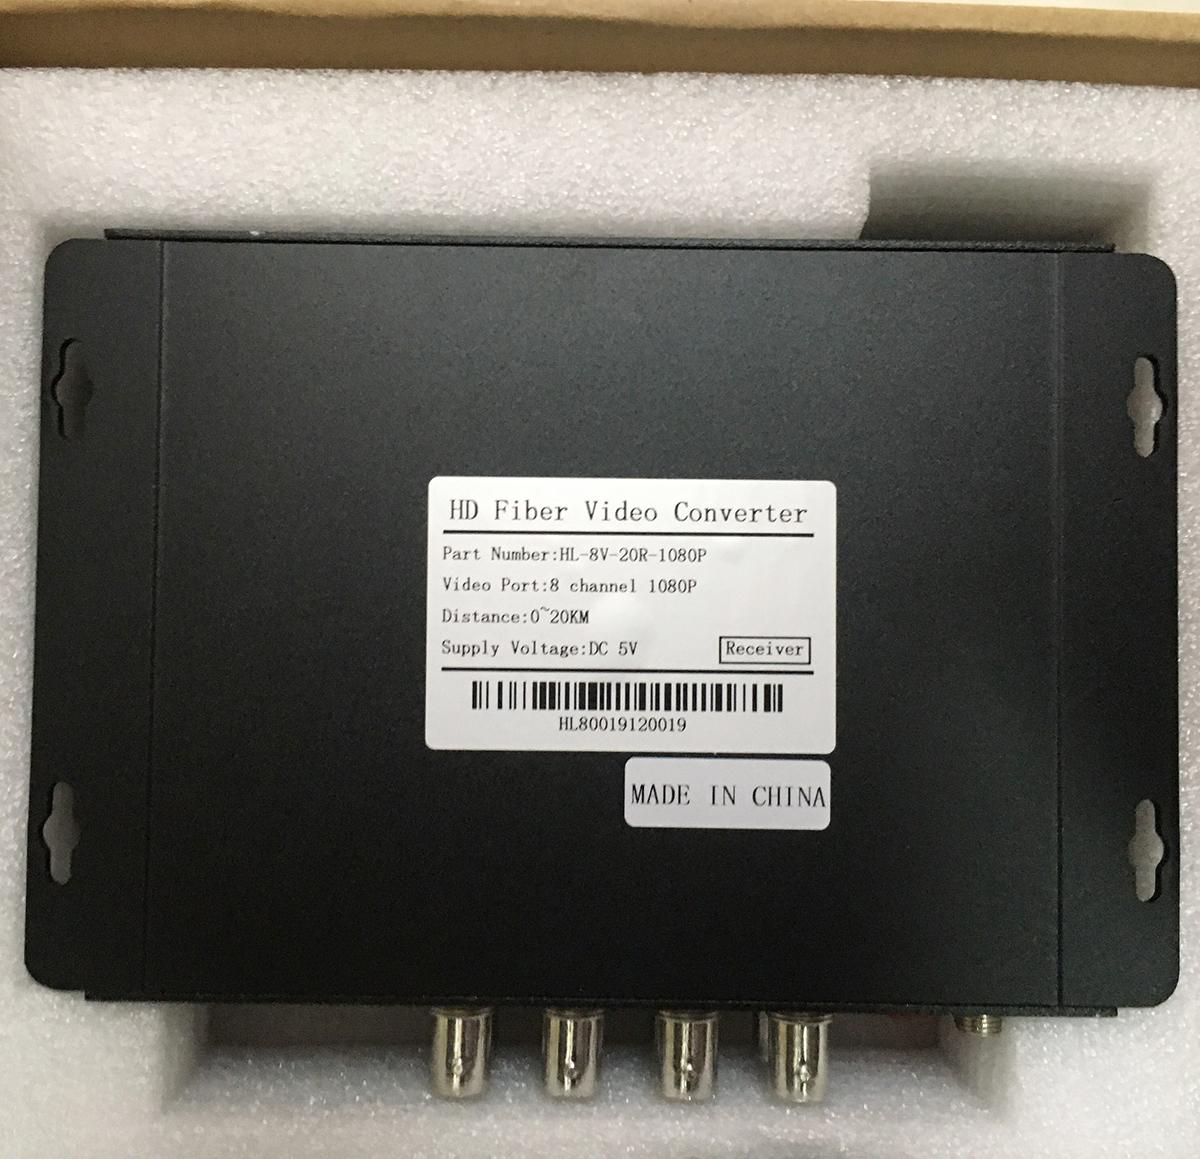 Bộ chuyển đổi Video sang quang 8 kênh GNETCOM HL-8V-20T/R-1080P (2 thiết bị,2 adapter) - Hàng Chính Hãng